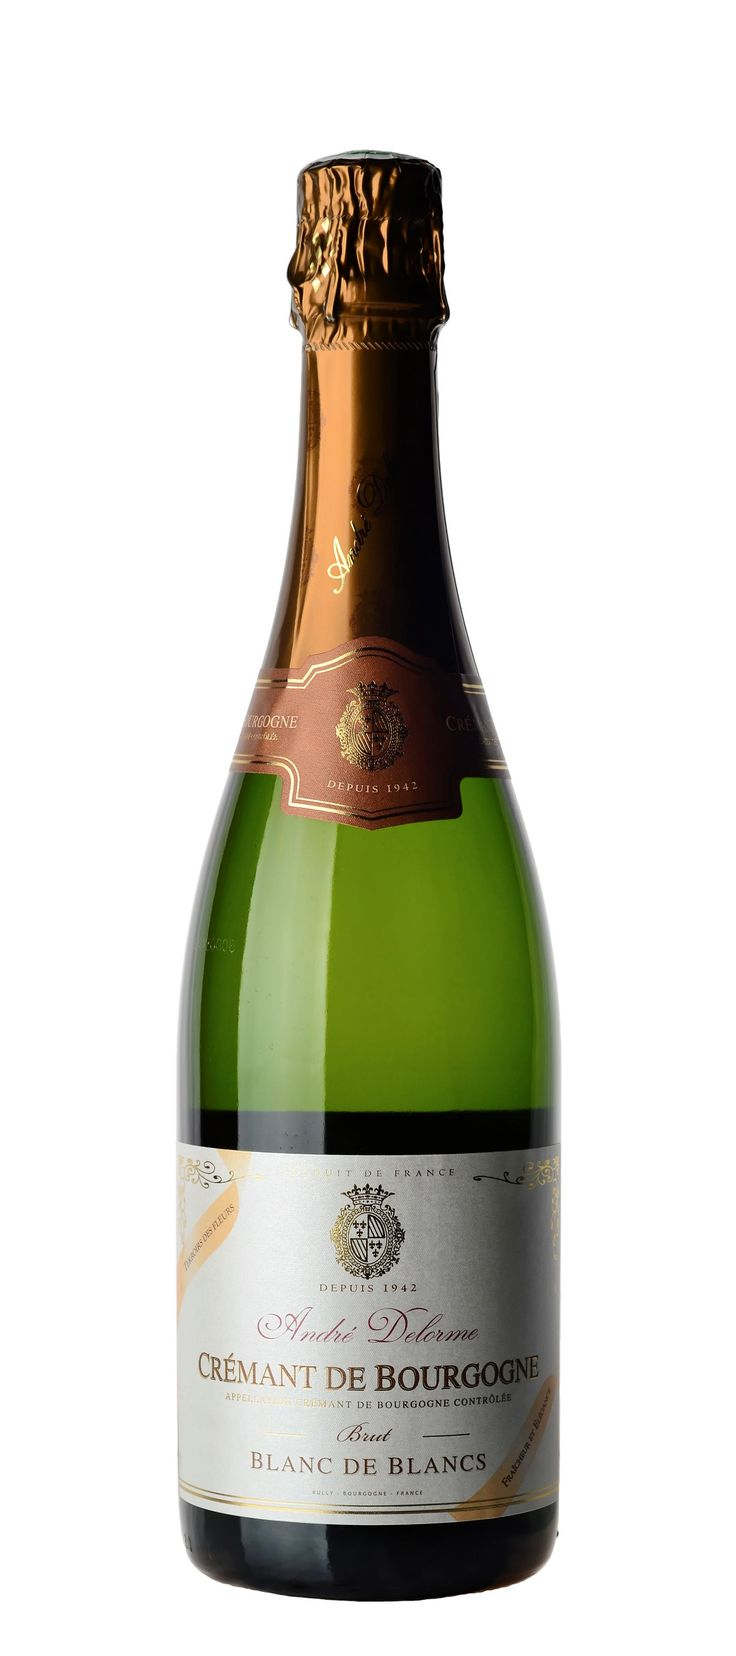 Andre Delorme Crémant de Bourgogne Blanc de Blancs Brut Terroir des Fleurs